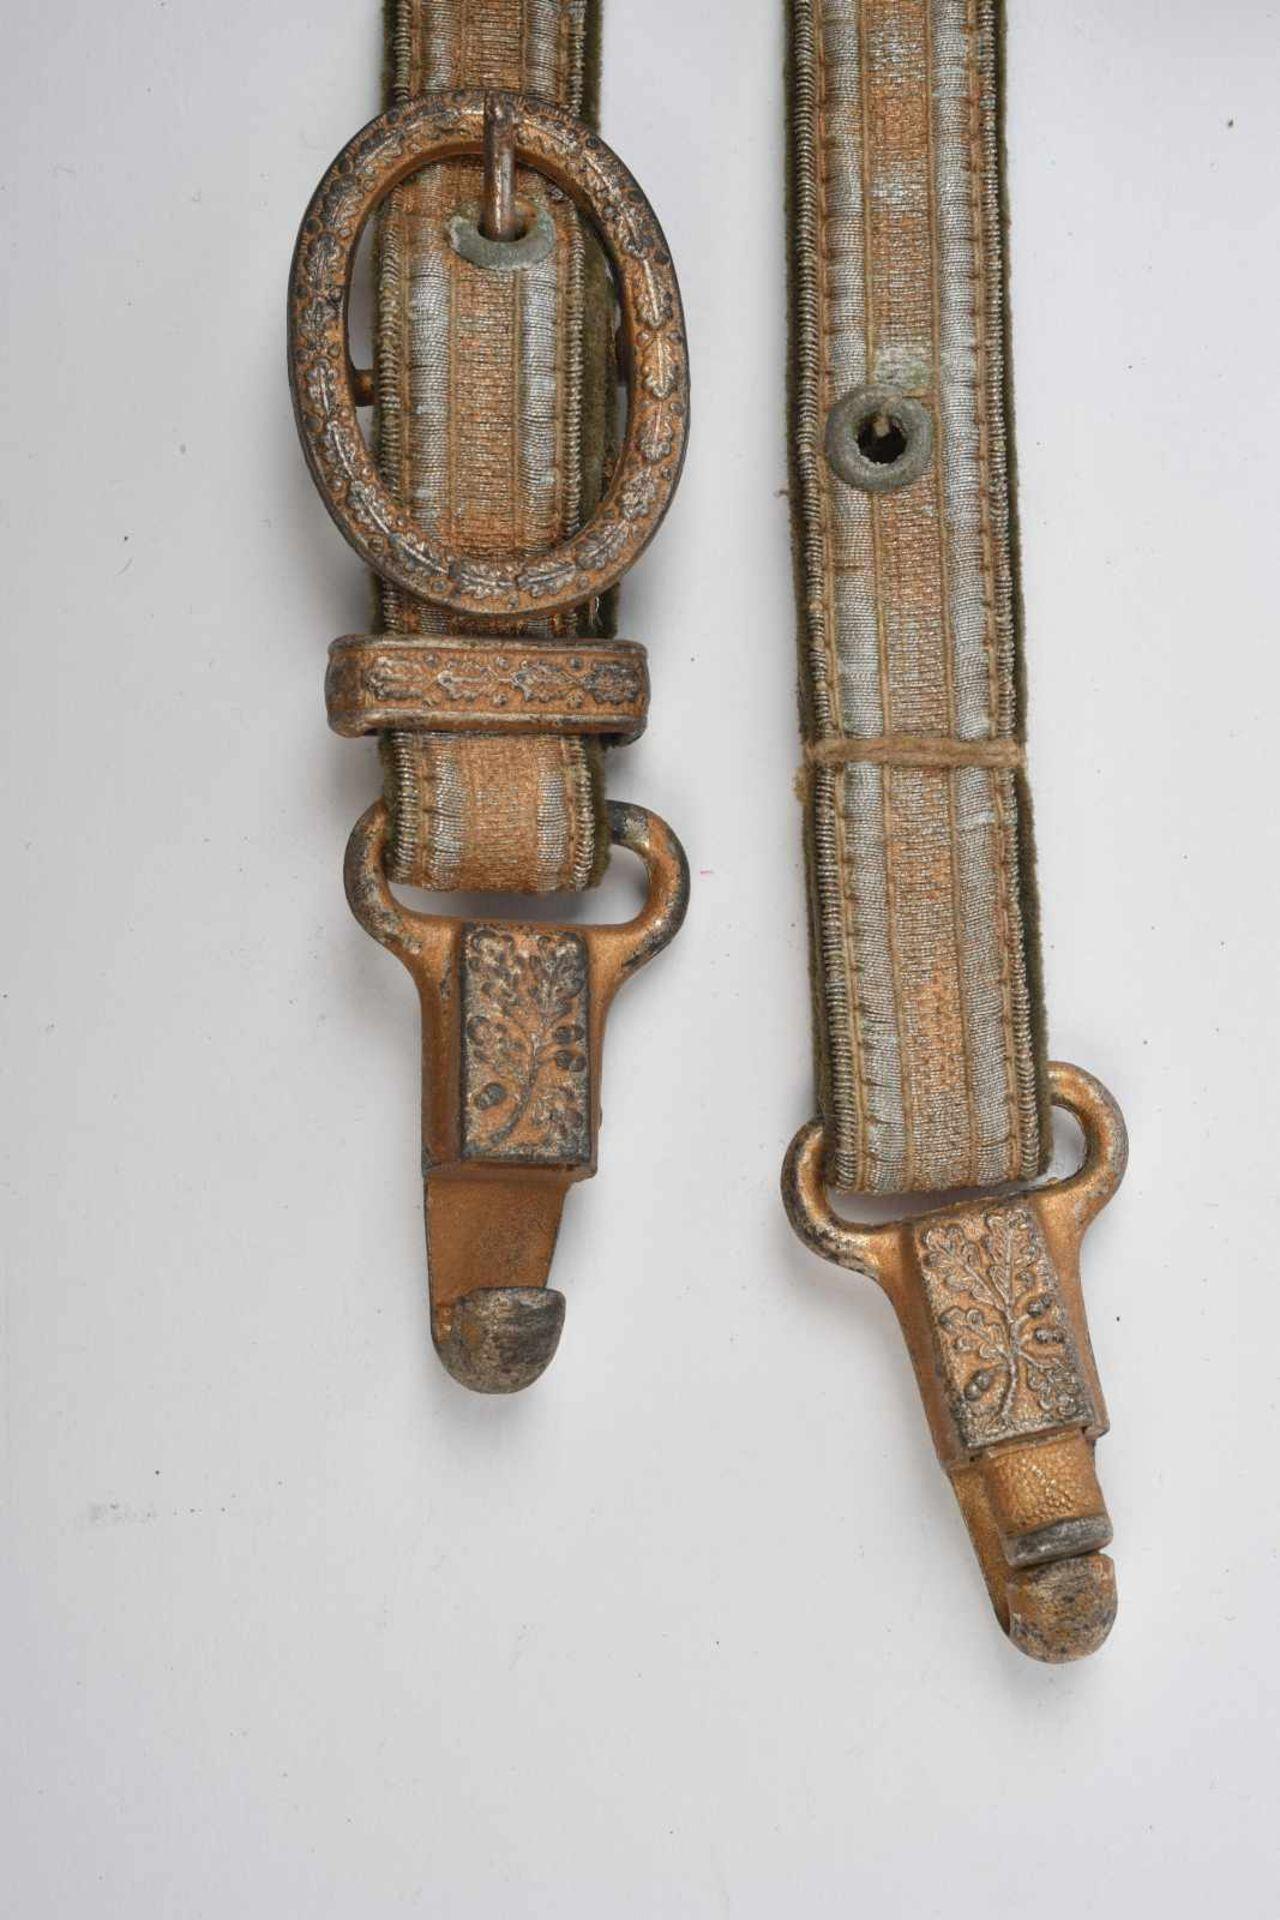 Bélière de dague allemande. En fil doré sur fond Feldgrau, parties métalliques richement ornées, - Bild 3 aus 3